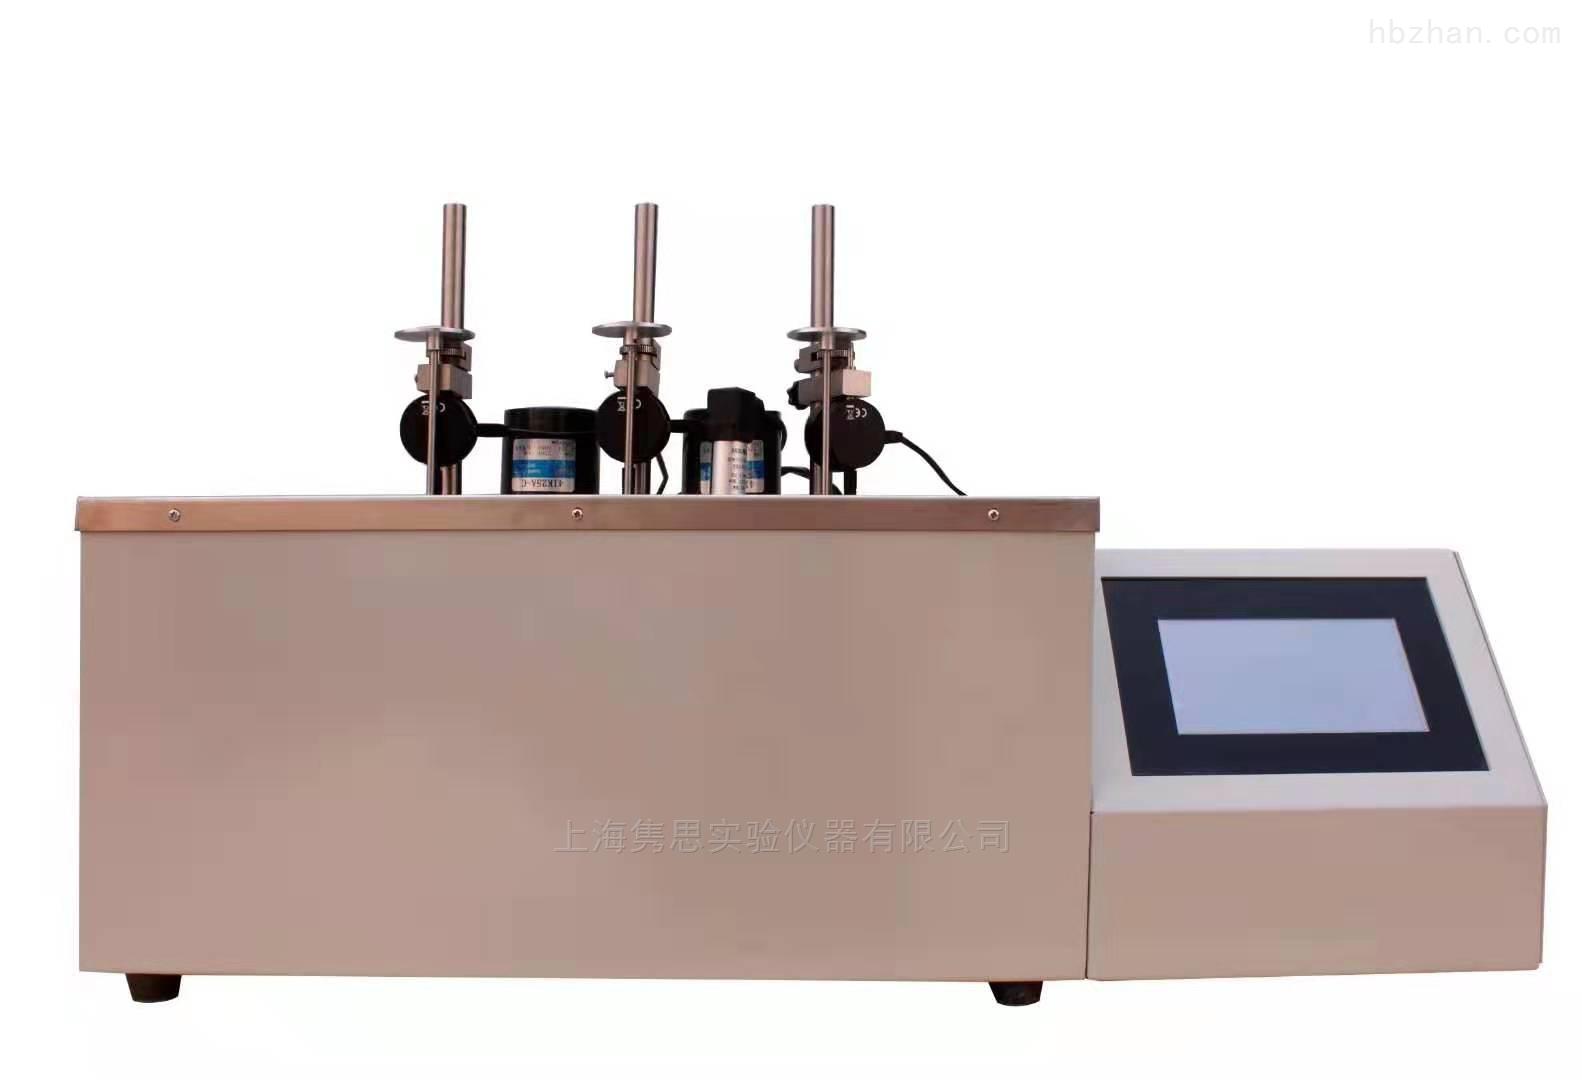 熱變形·維卡溫度測定儀,塑料維卡試驗機